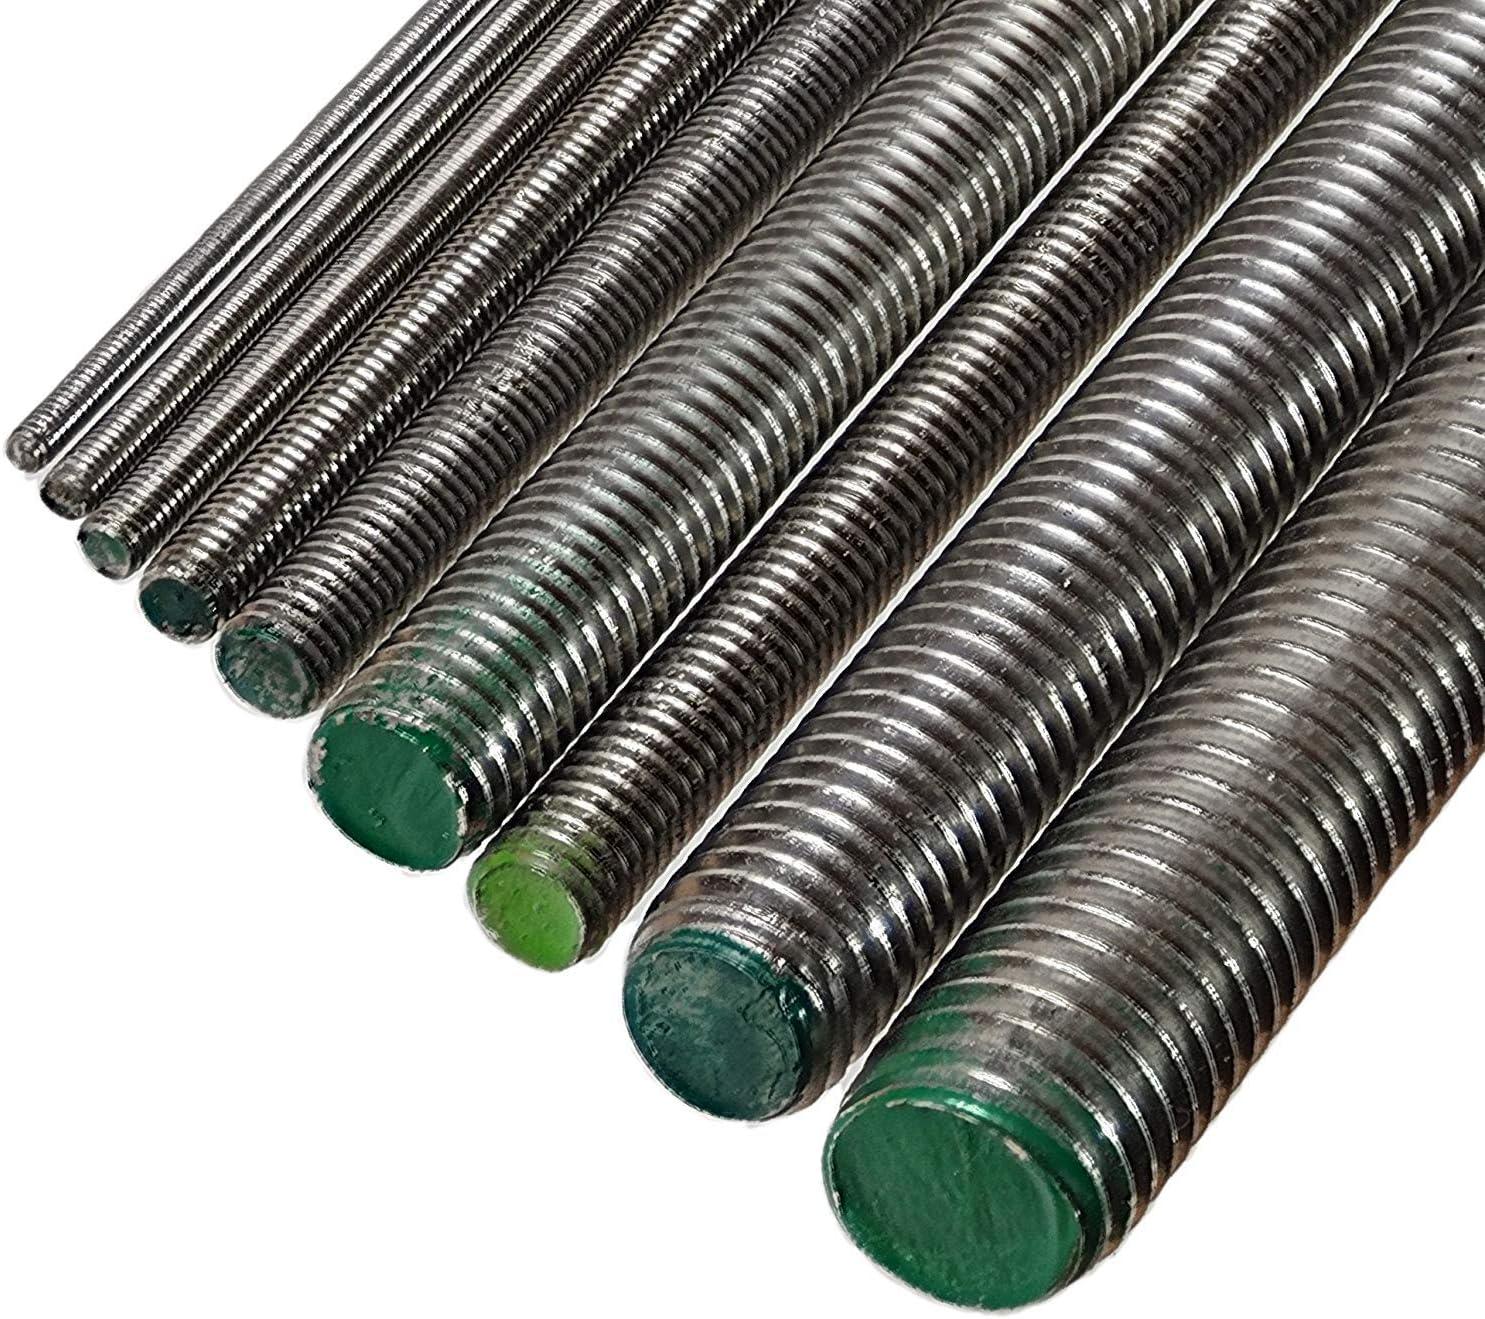 Rodamientos roscados 50 unidades, DIN976A, M10 x 160, hierro galvanizado brillante